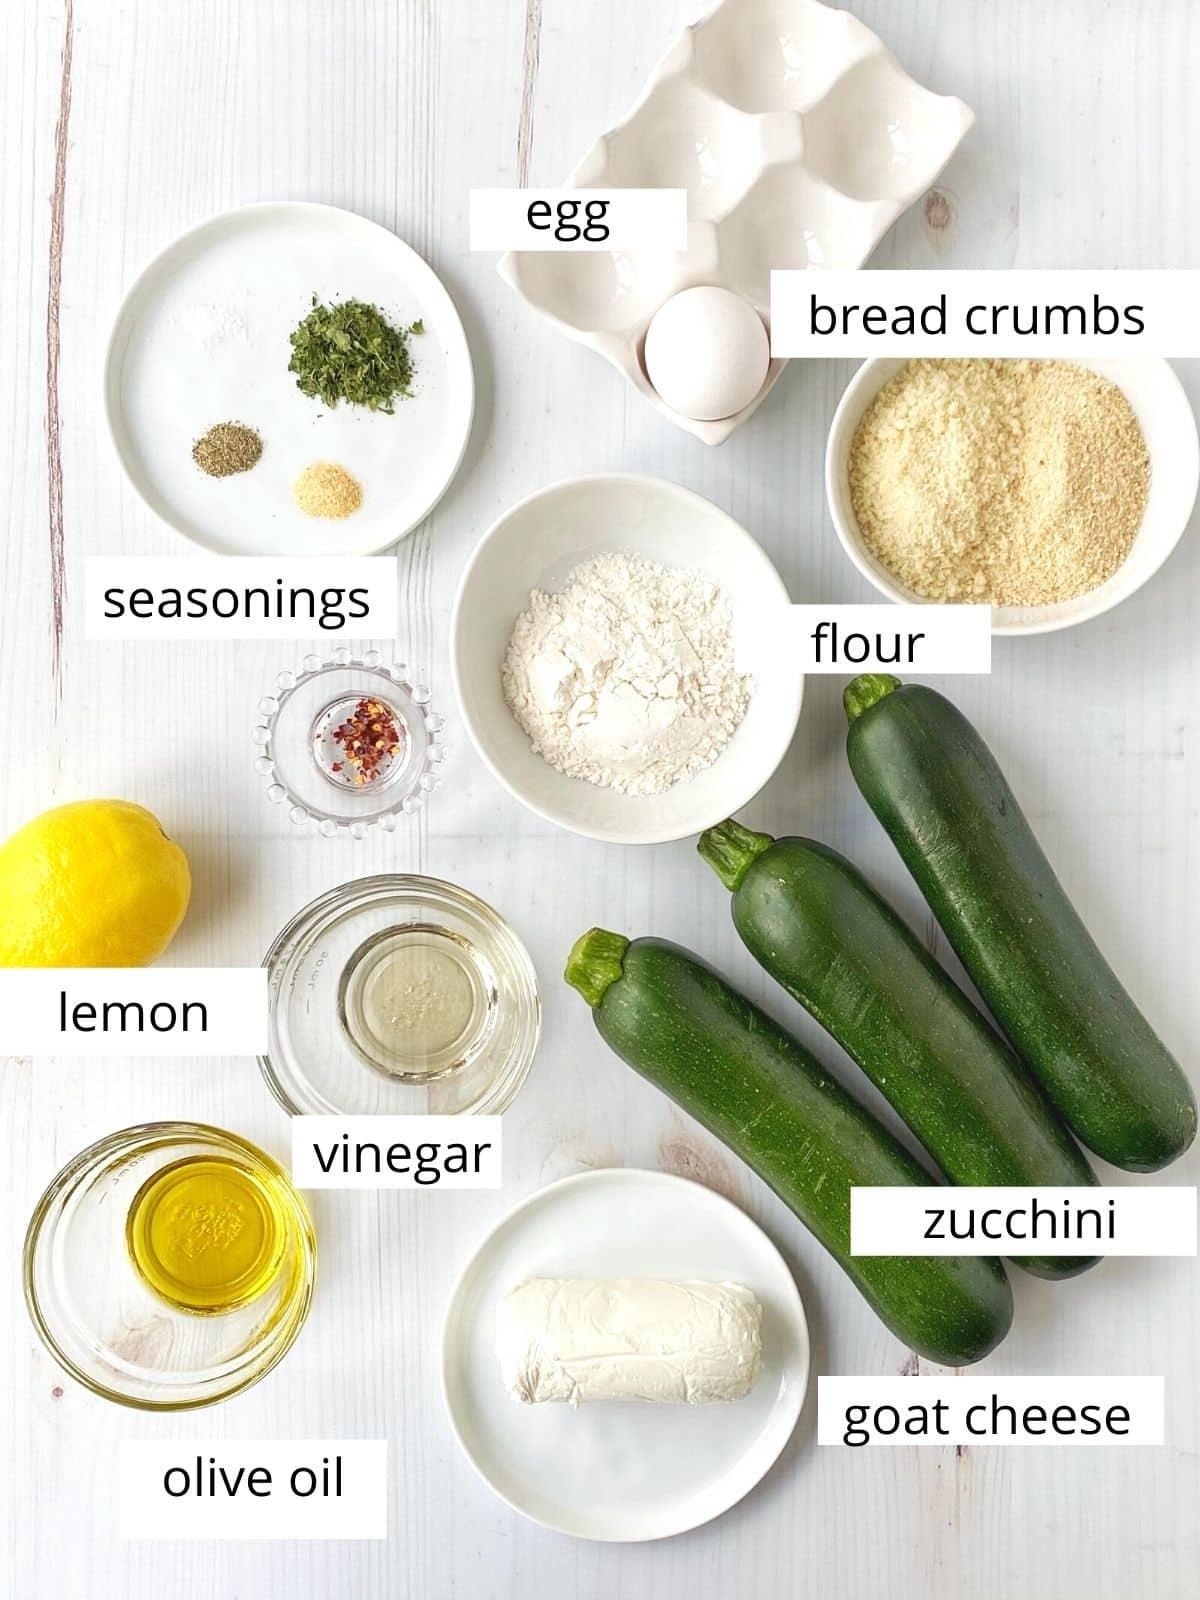 salad ingredients - zucchini, goat cheese, seasonings, breadcrumbs, oil, vinegar, lemon